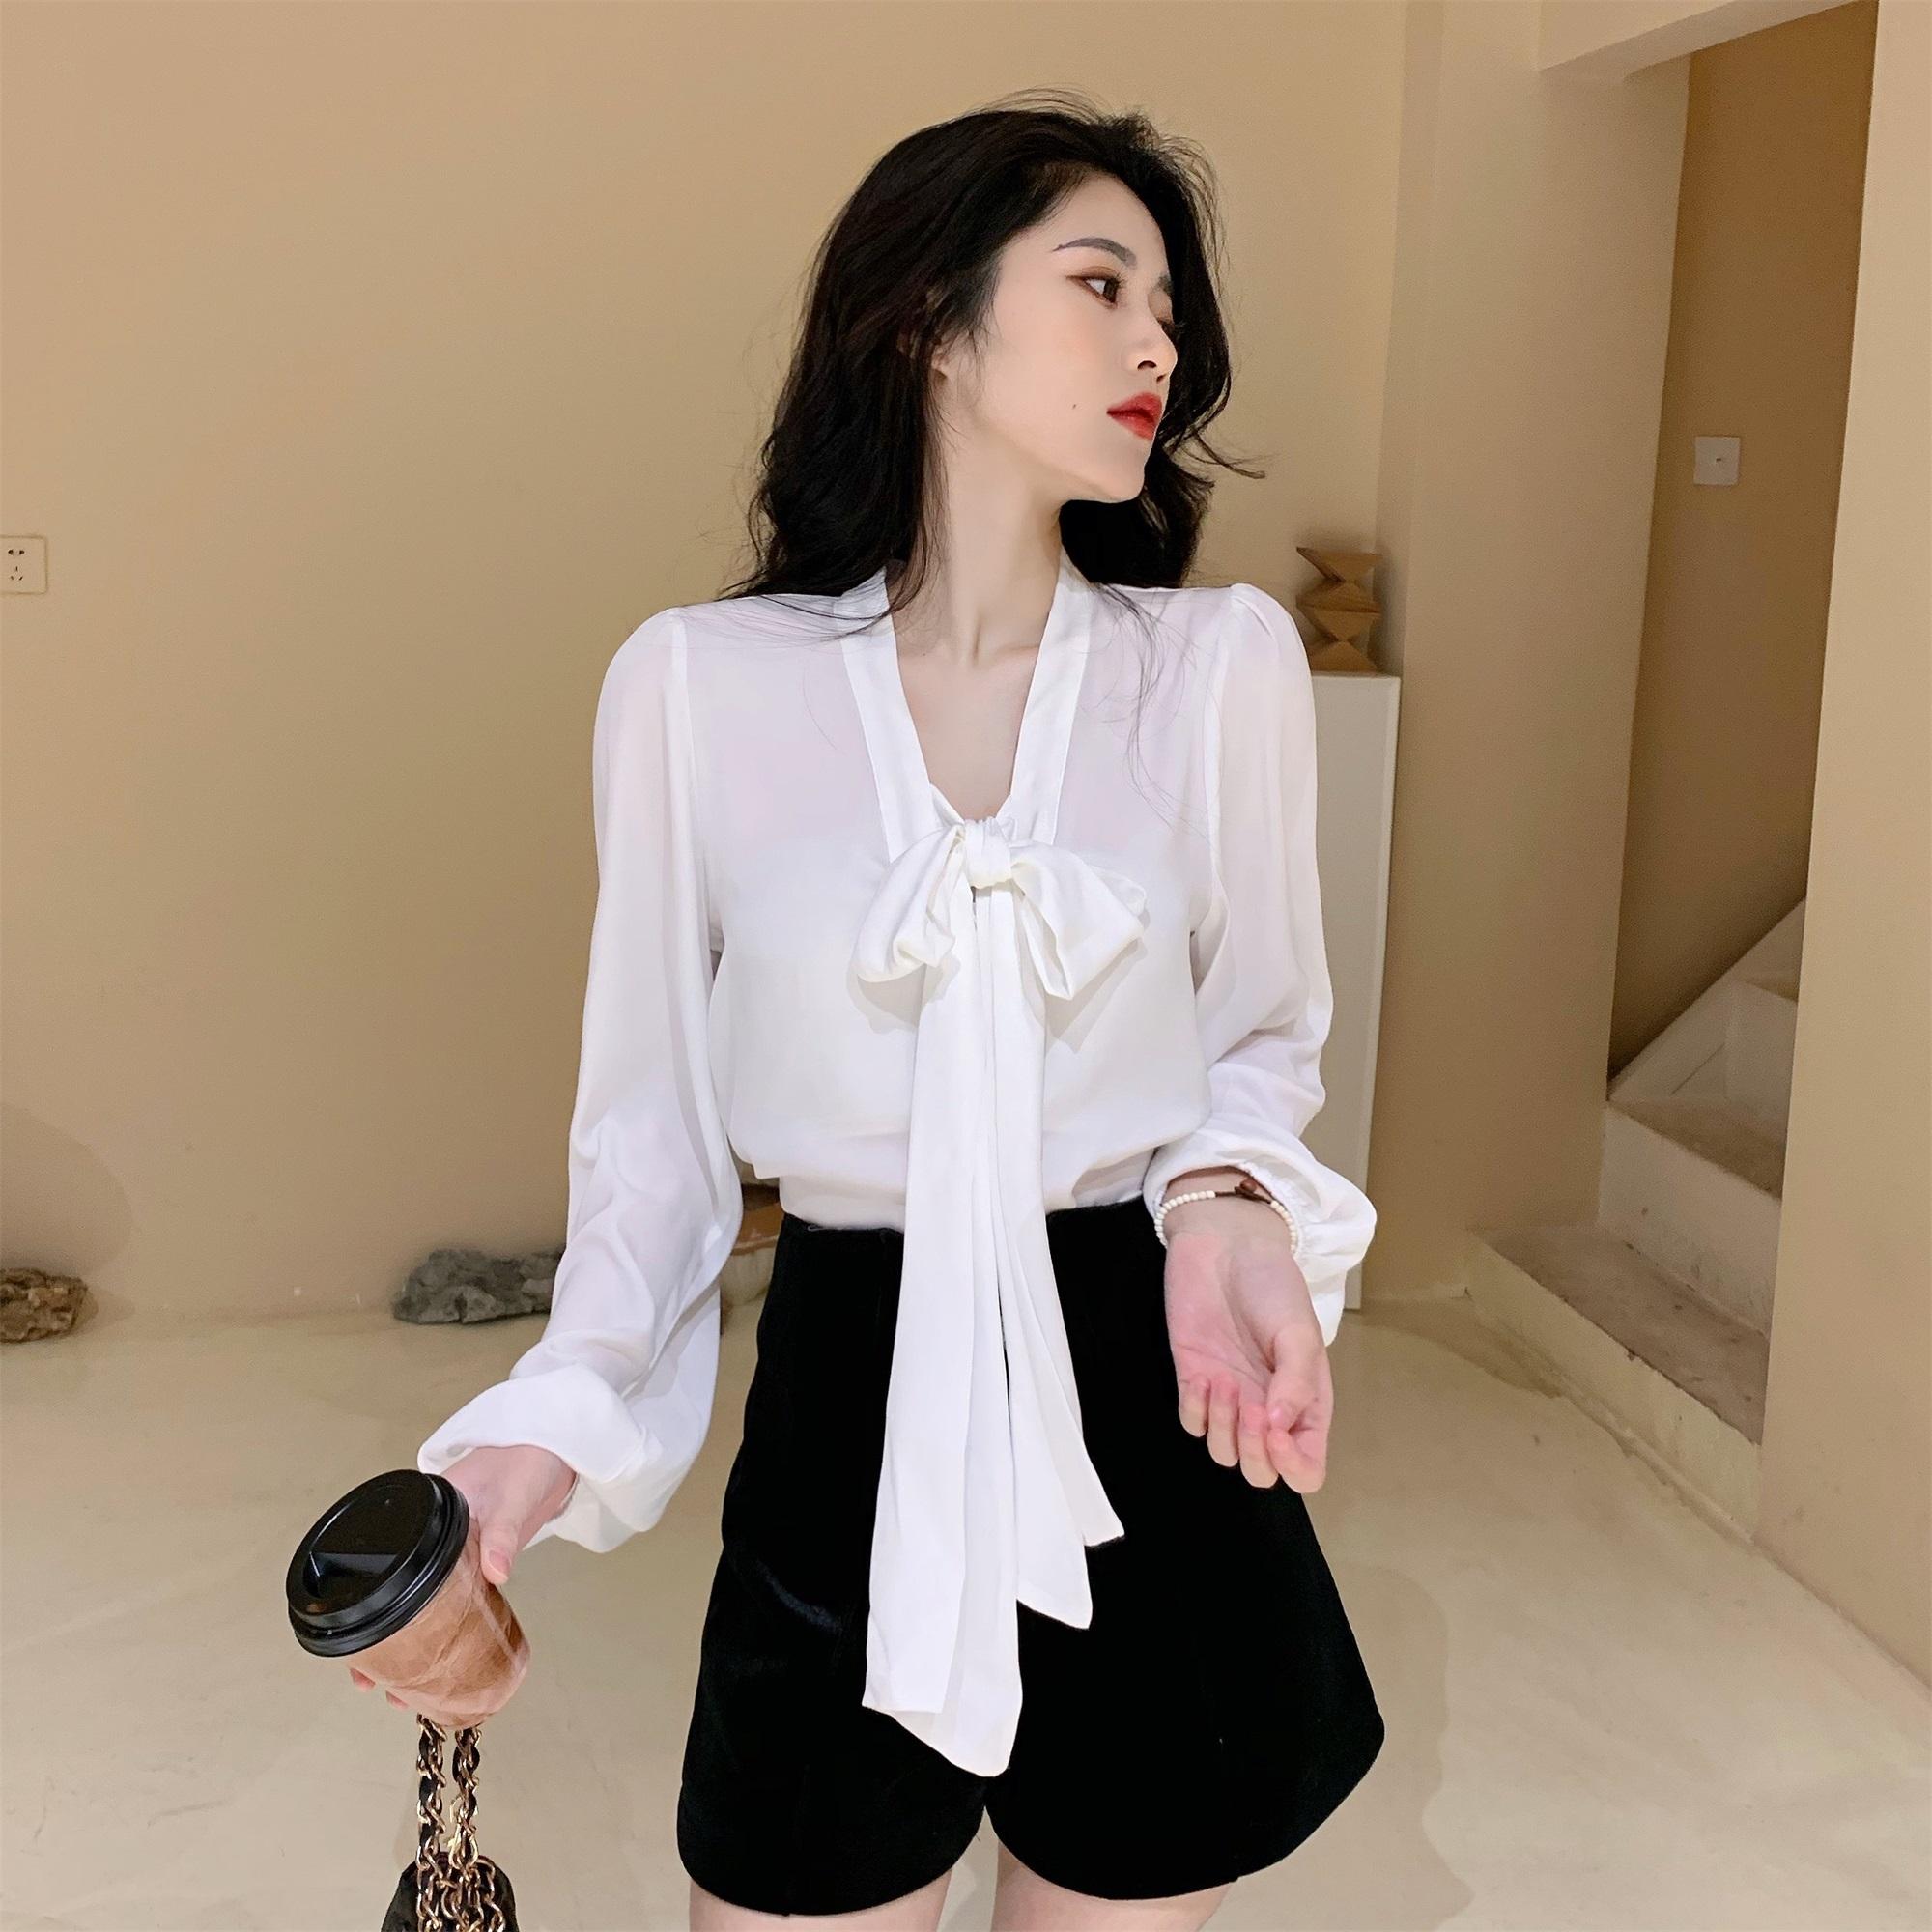 实拍实价 蝴蝶结绑带设计感小众白衬衫女百搭气质显瘦上衣